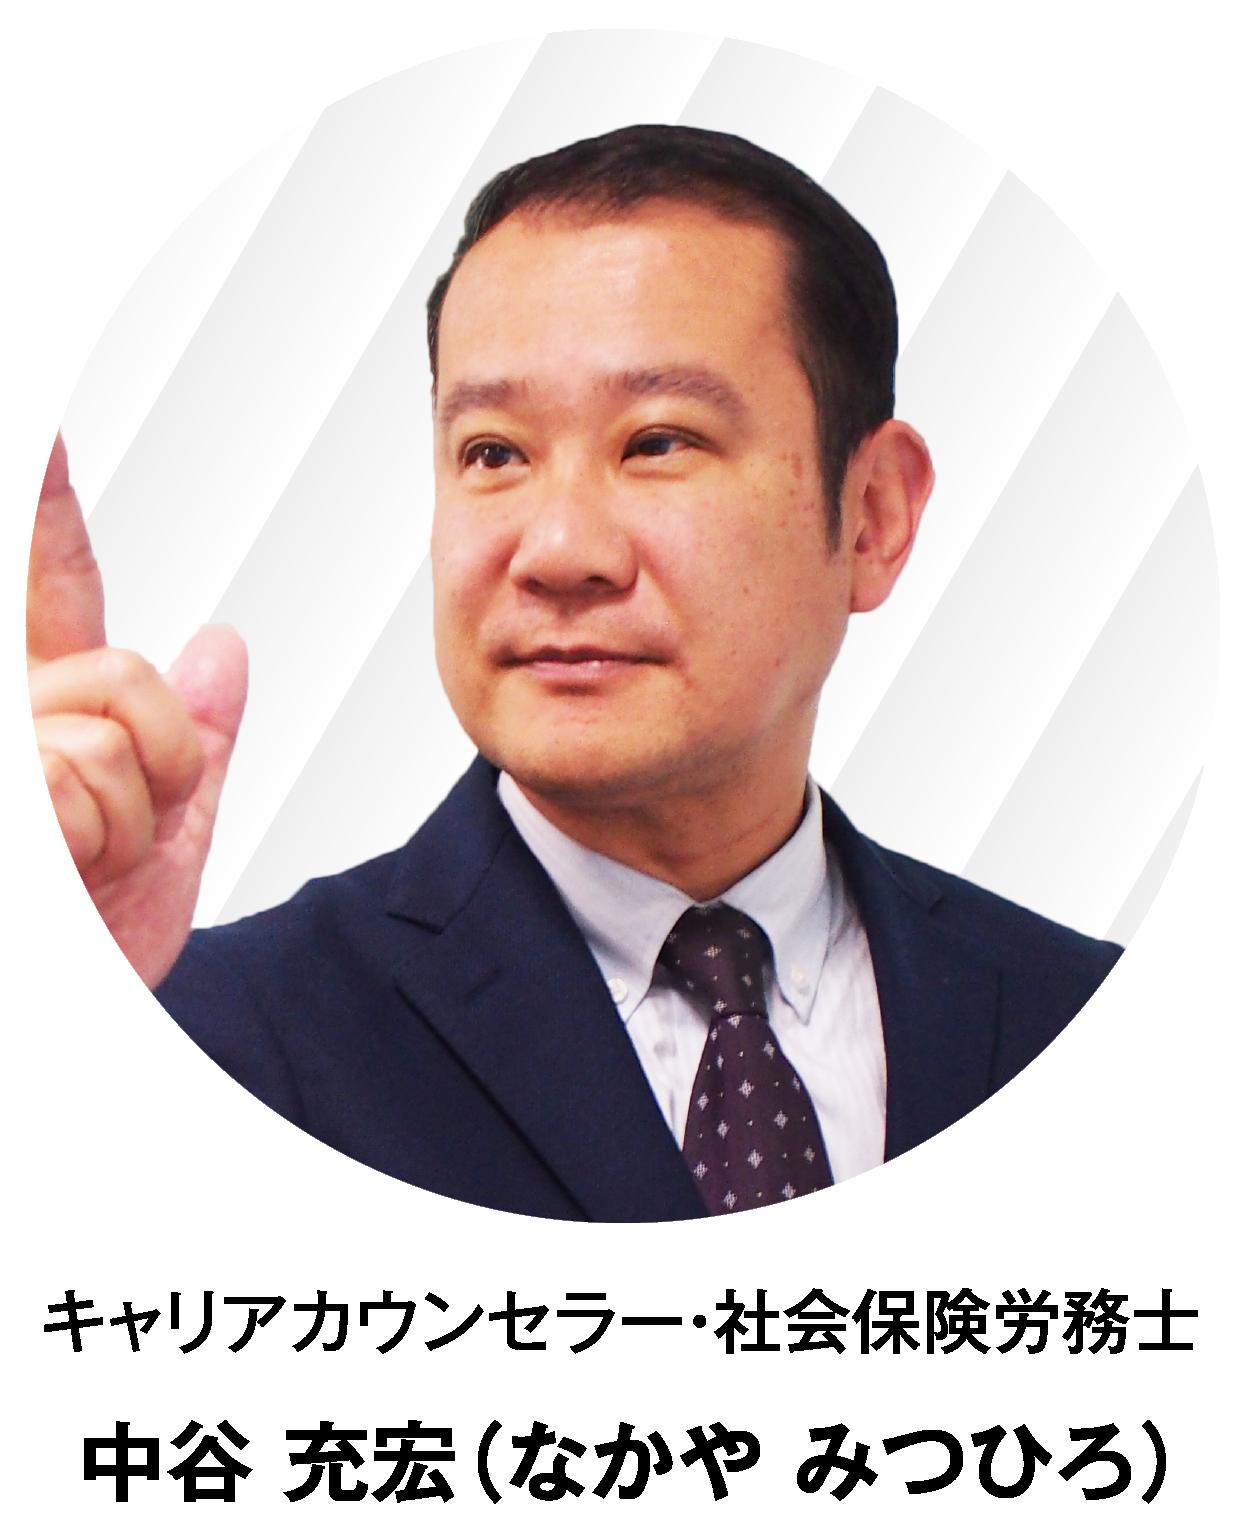 キャリアカウンセラー・社会保険労務士 中谷充宏(なかや みつひろ)